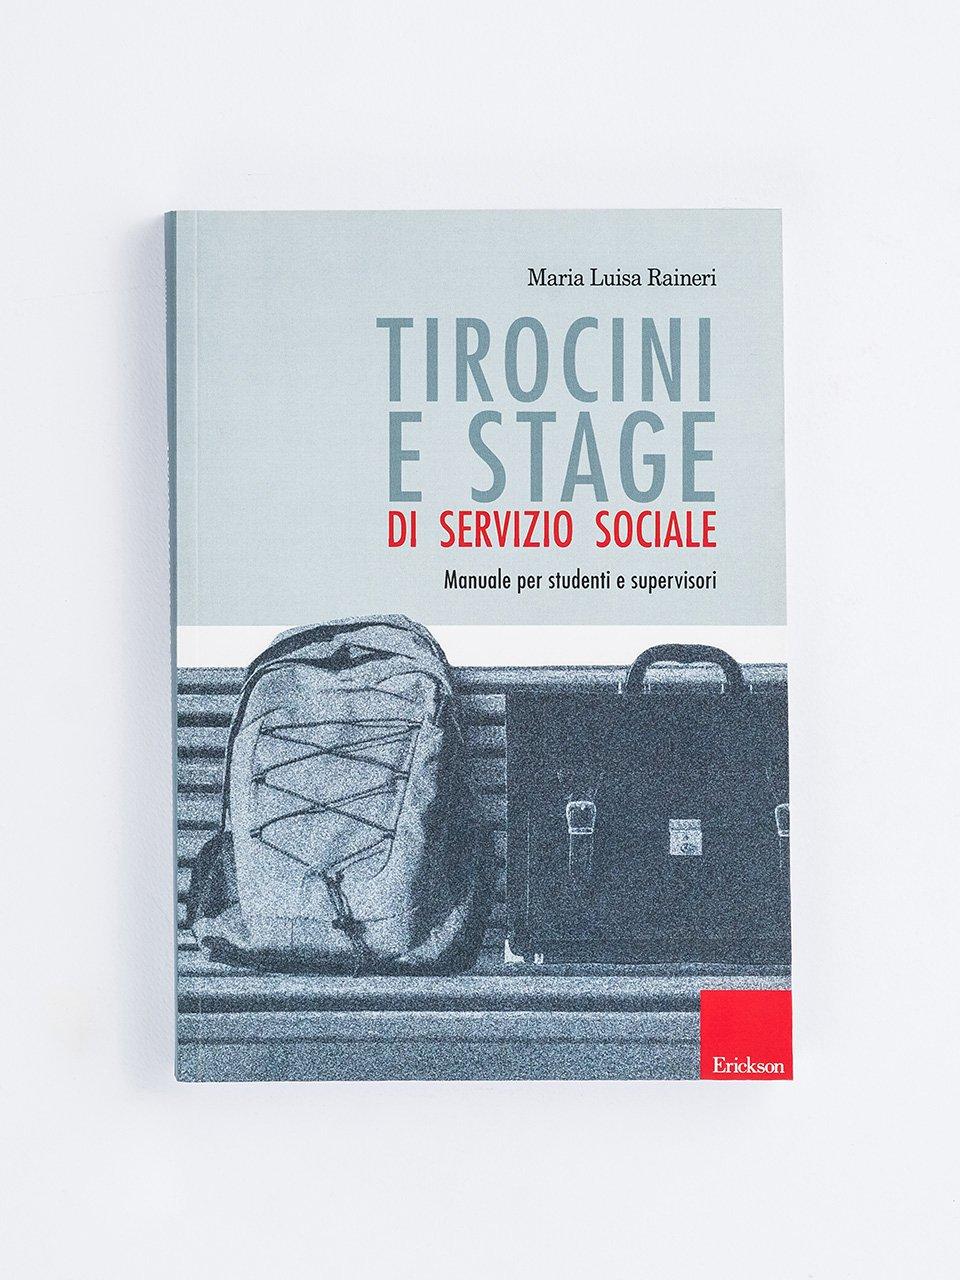 Tirocini e stage di servizio sociale - Libri - Erickson